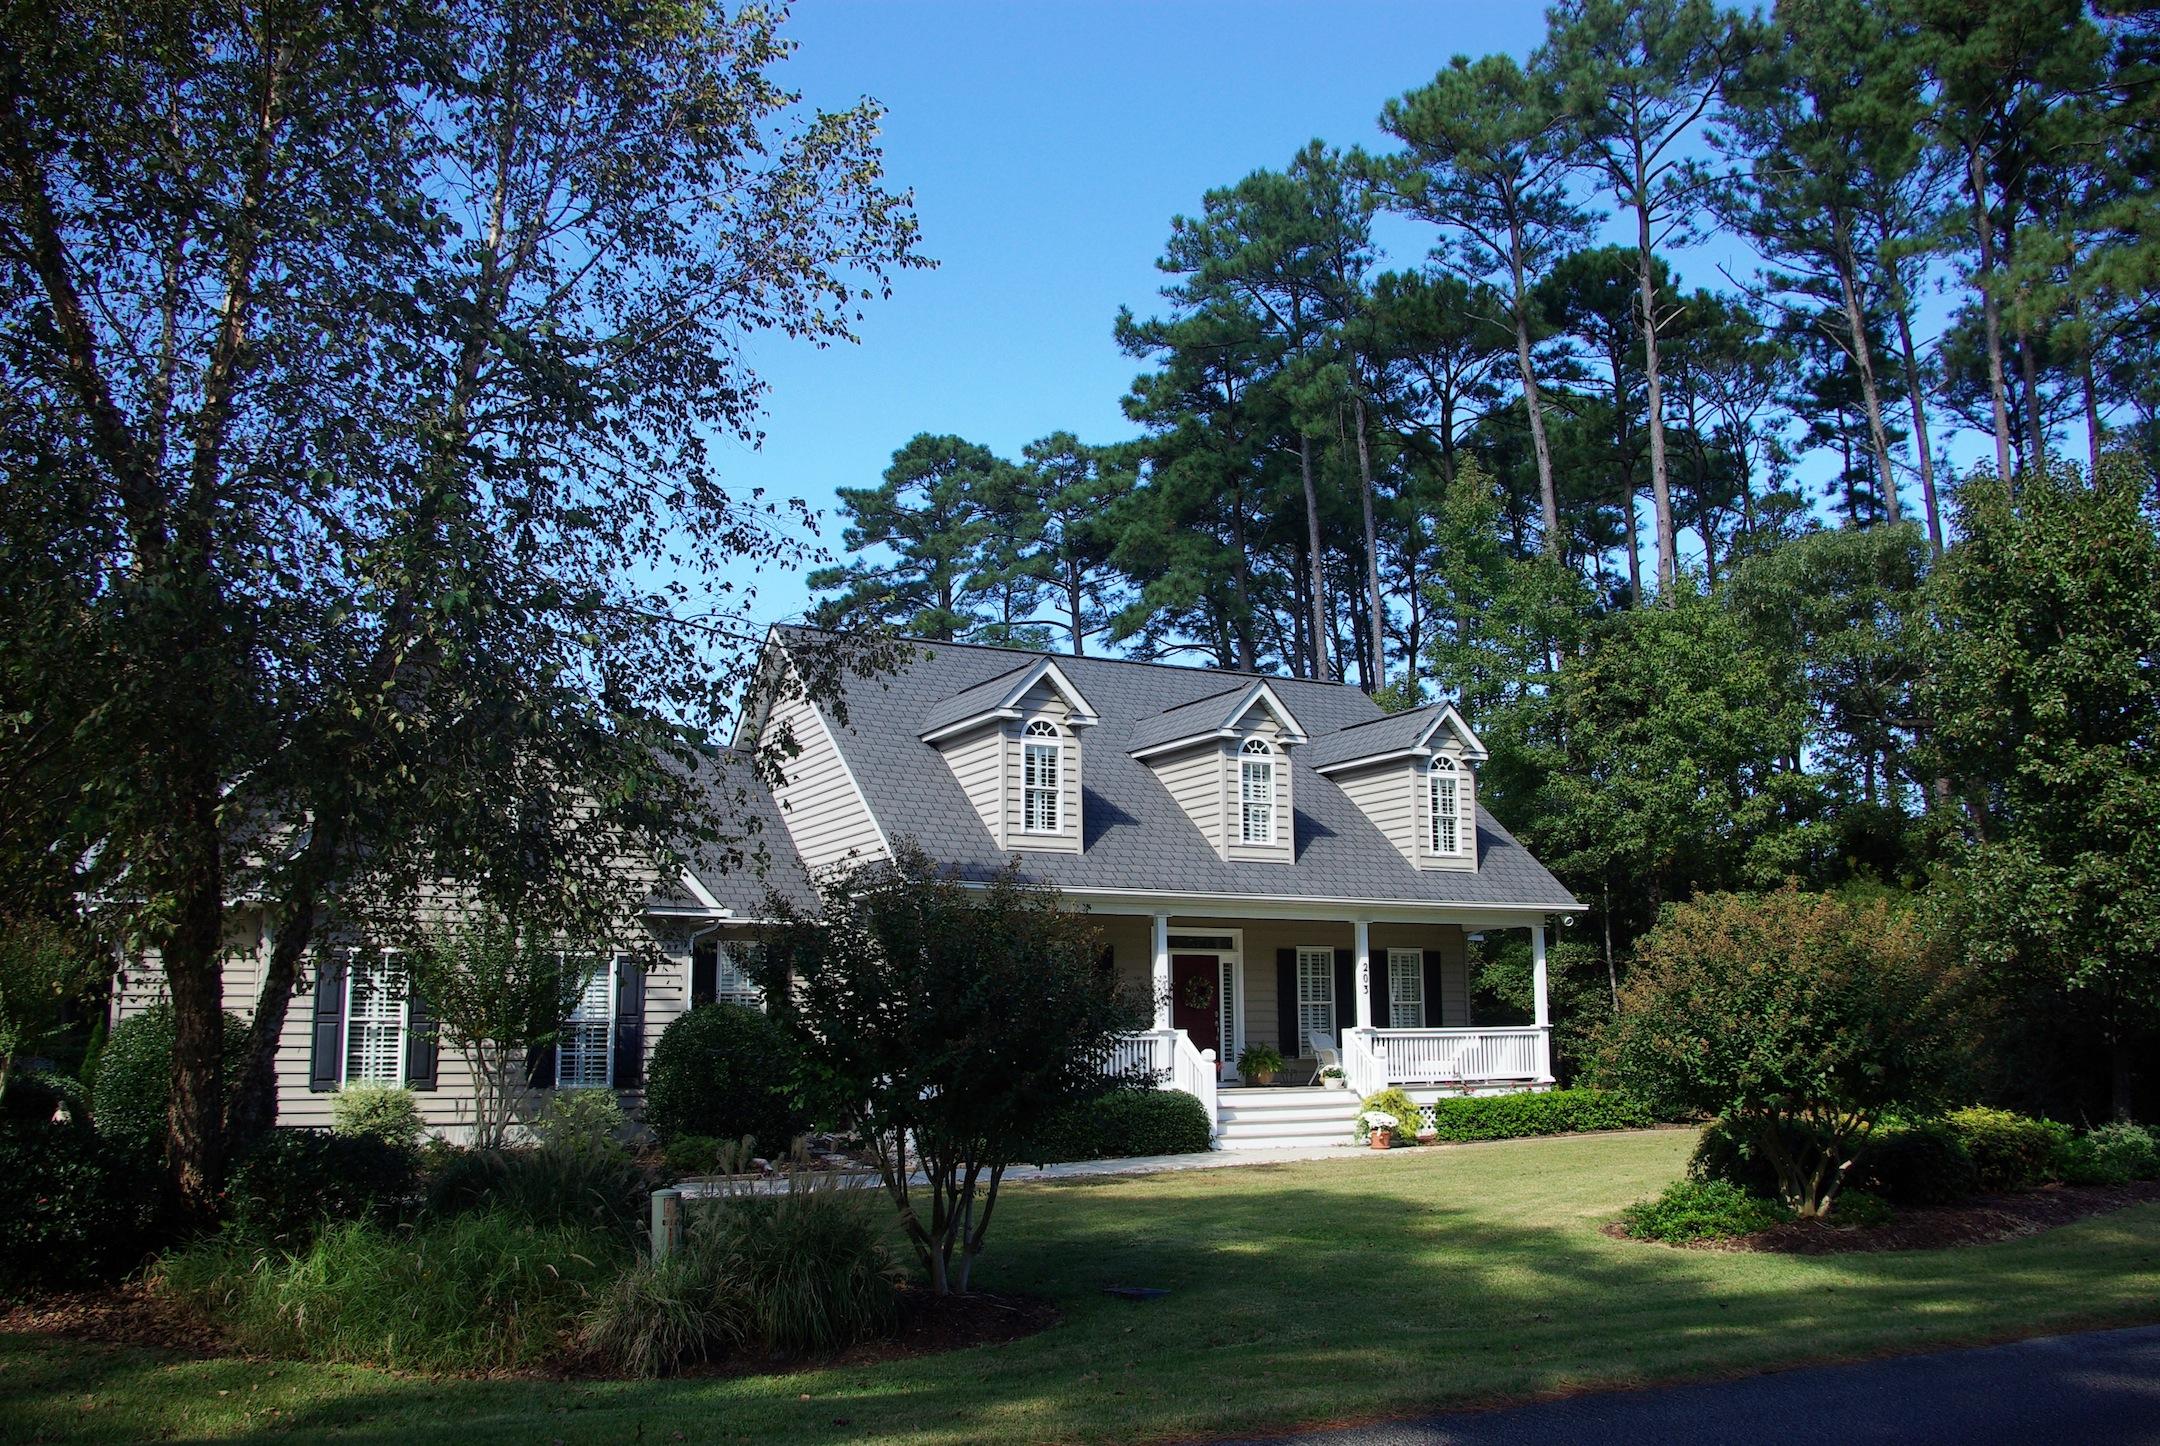 Brakewood Real Estate, Manteo NC